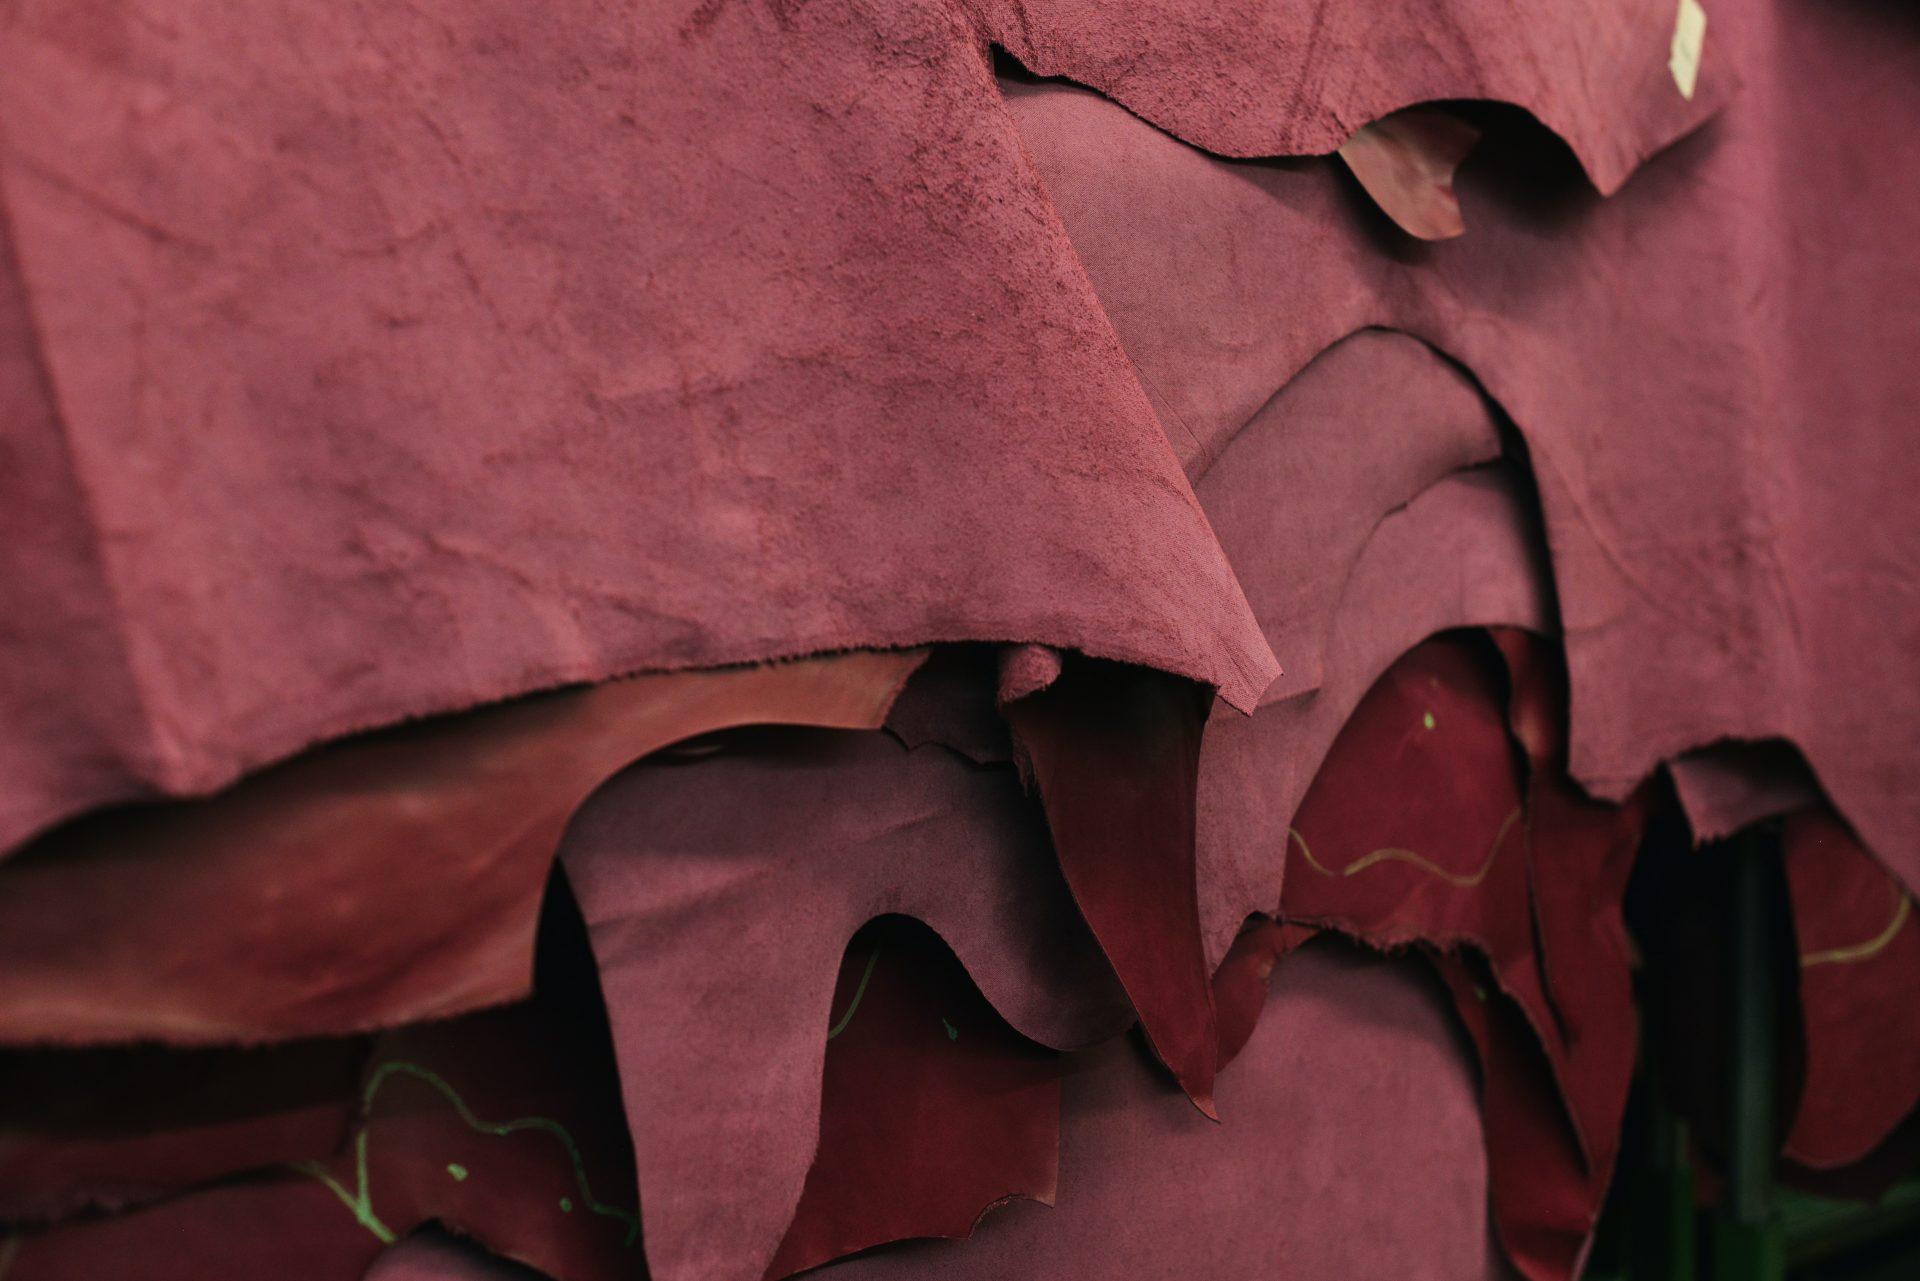 羊革の財布が風水的におすすめな理由とは?羊革の特長やラムスキンについてもご紹介します。